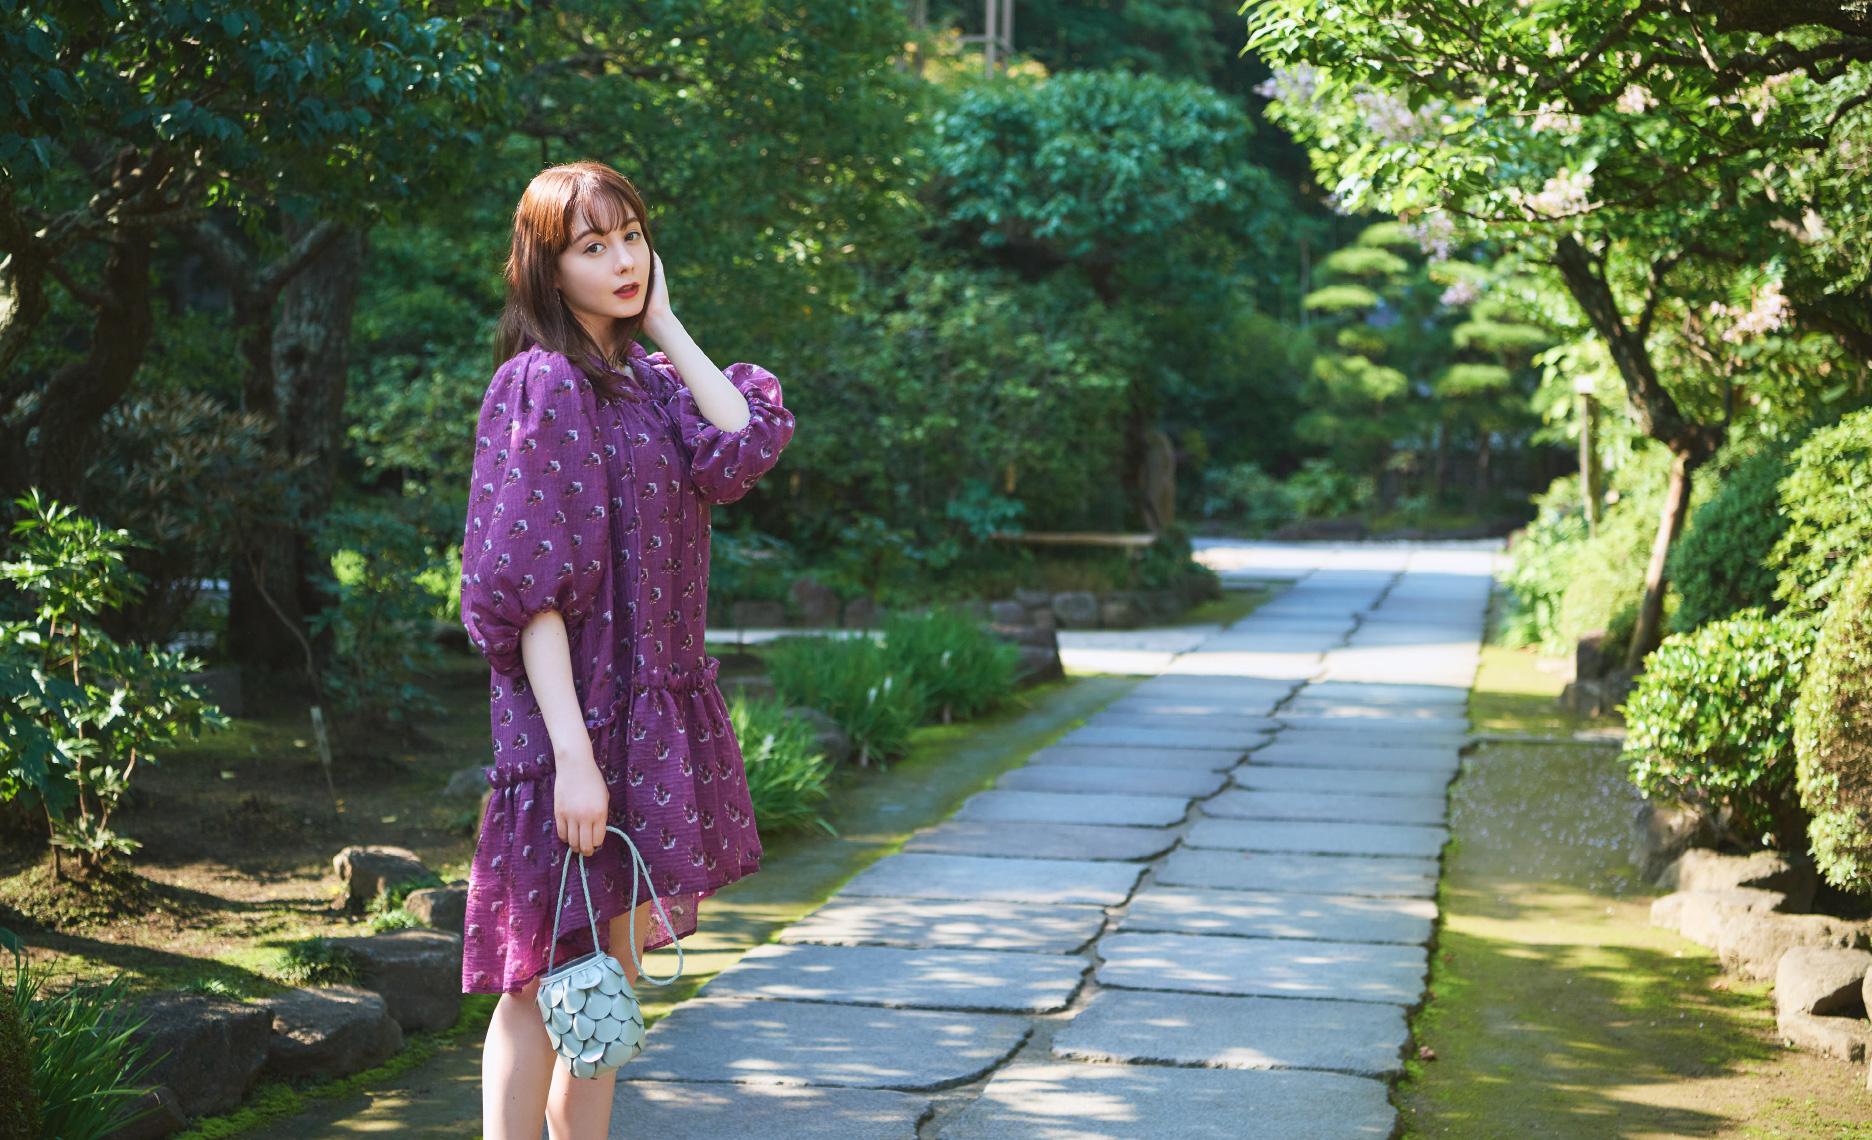 トリンドル玲奈さんがナビゲート 名残の夏を満喫する海辺の鎌倉プチトリップ